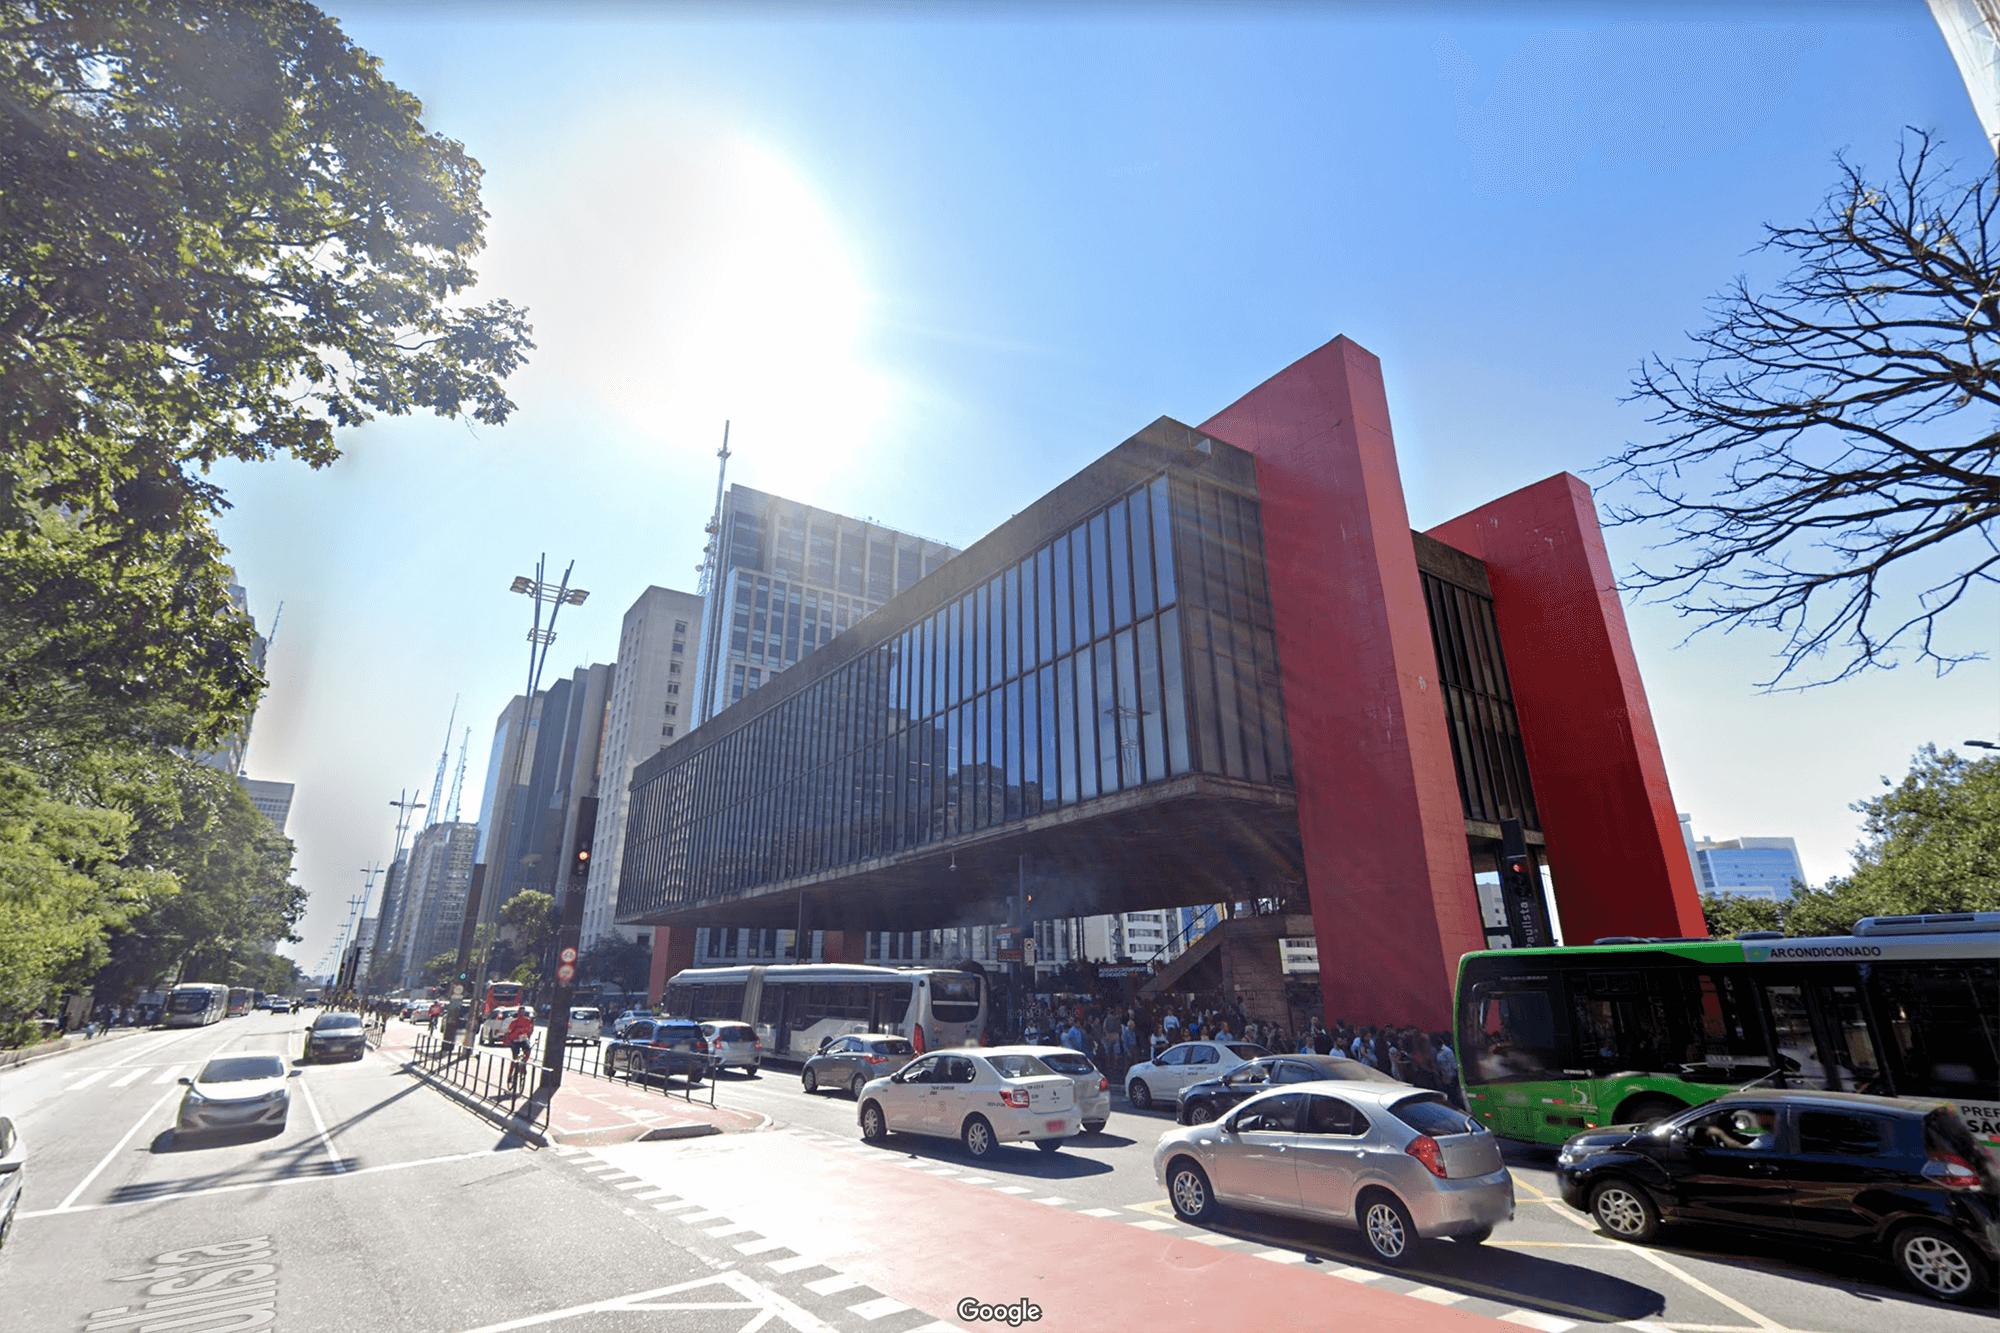 Здание музея MASP — само по себе произведение искусства. Как и его экспонаты, оно «парит» в воздухе